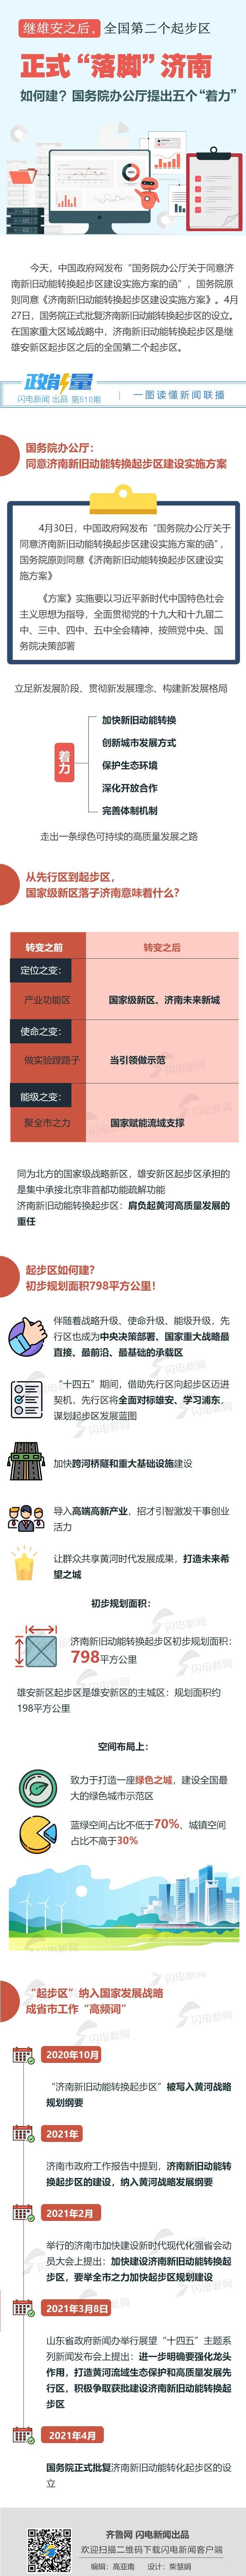 """政能量丨全国第二个起步区正式""""落脚""""济南,如何建?国务院办公厅提出五个""""着力"""""""